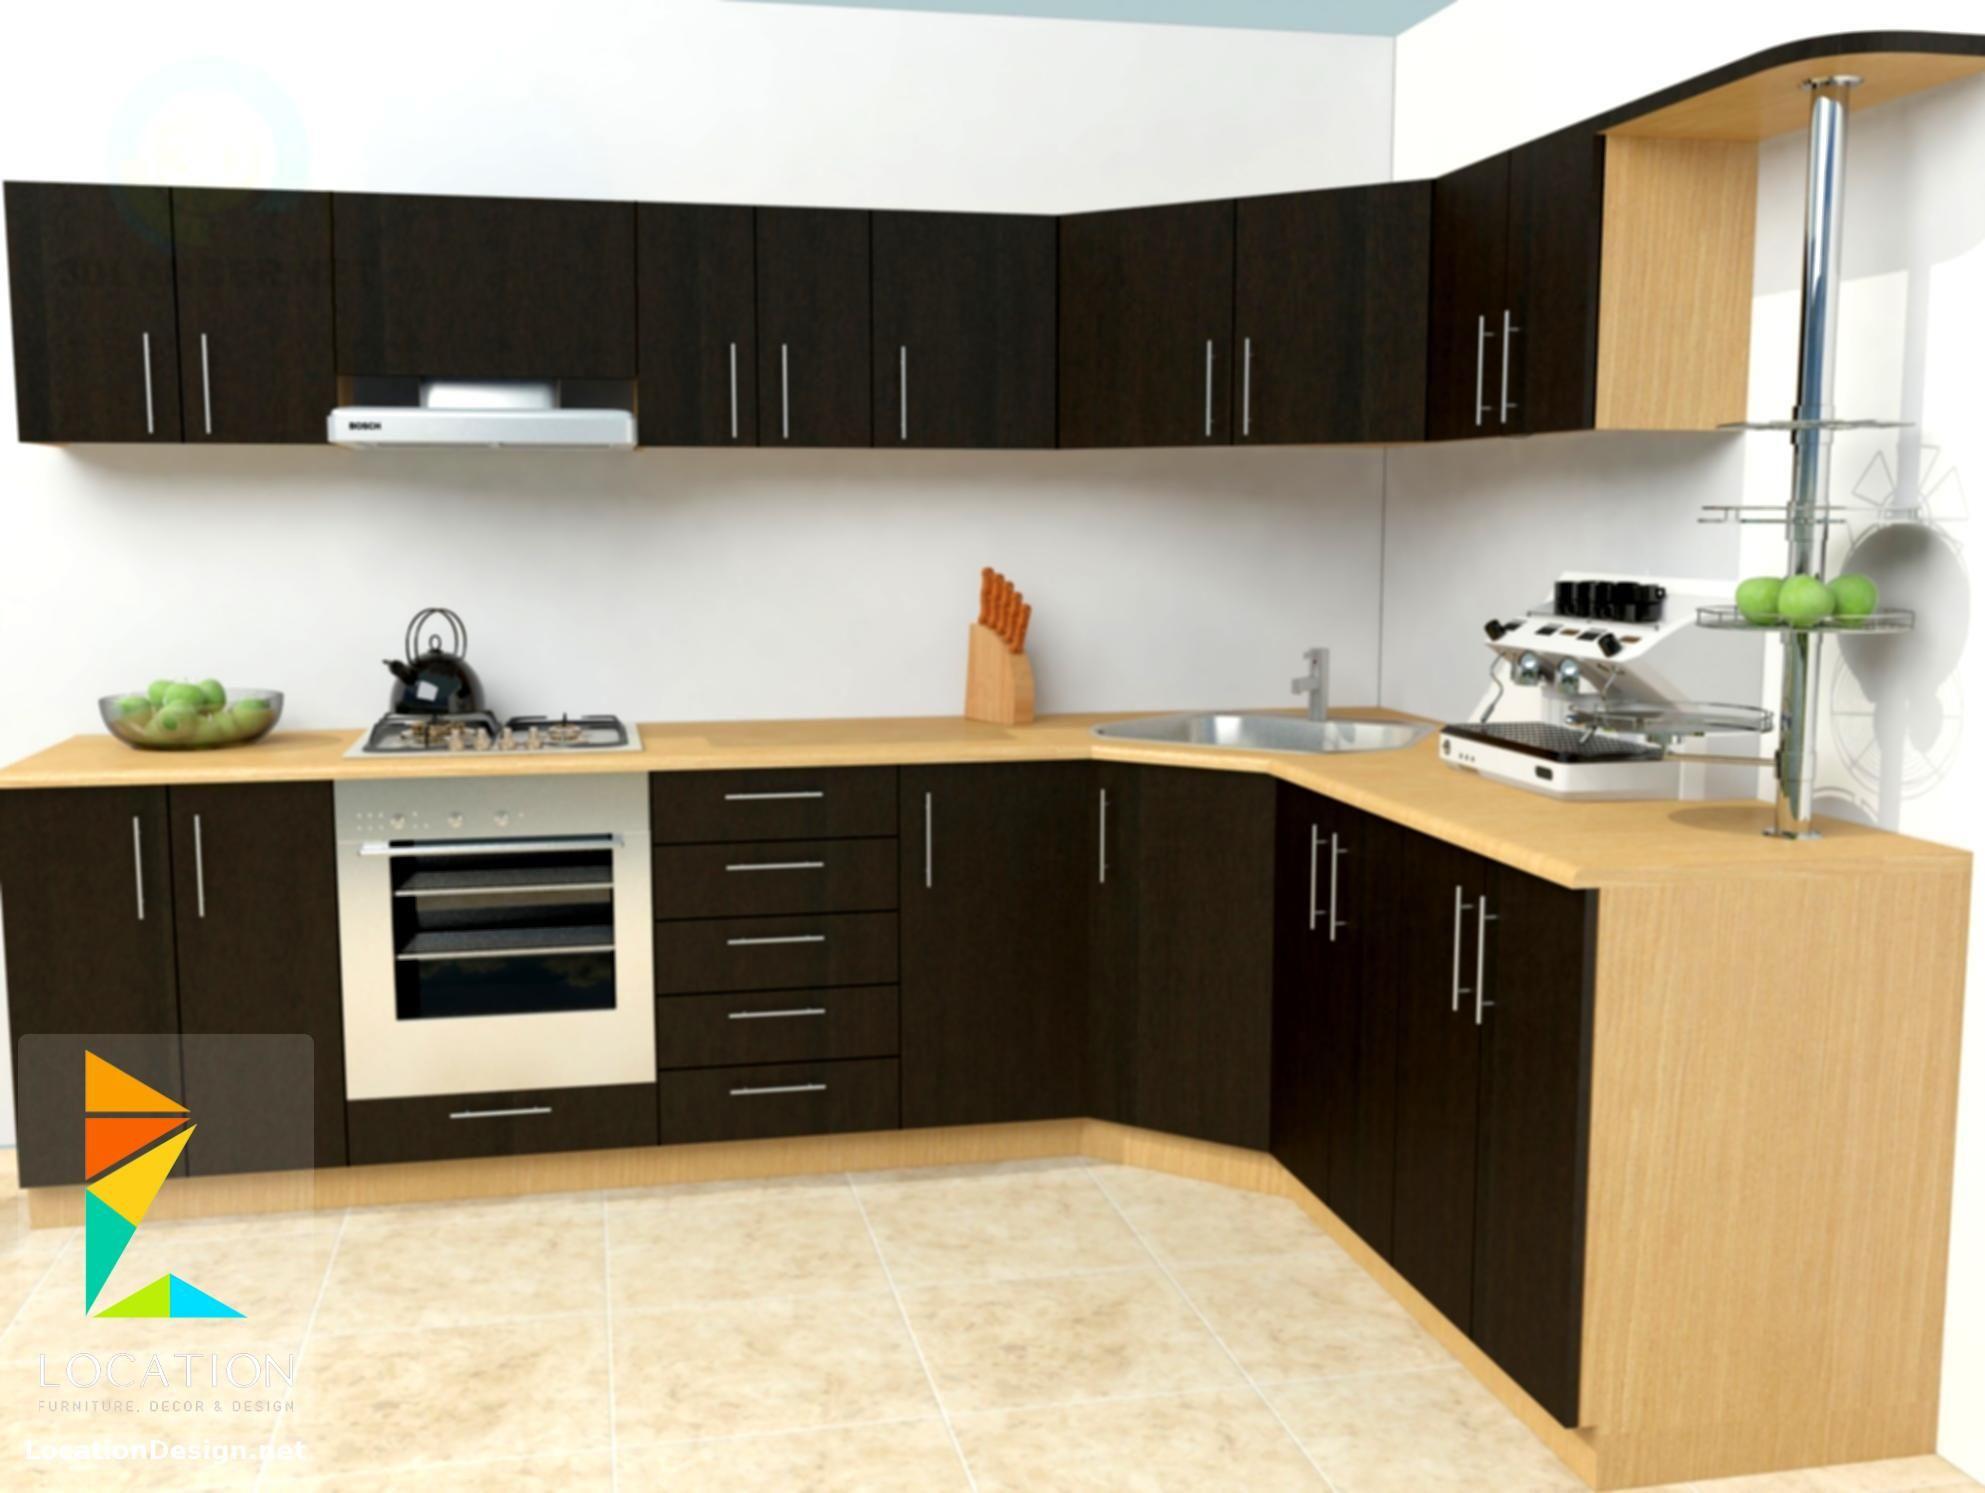 كتالوج صور مطابخ حديثة مطابخ مودرن مطابخ ريفية بسيطة لوكشين ديزين نت Simple Kitchen Cabinets Simple Kitchen Design Kitchen Design